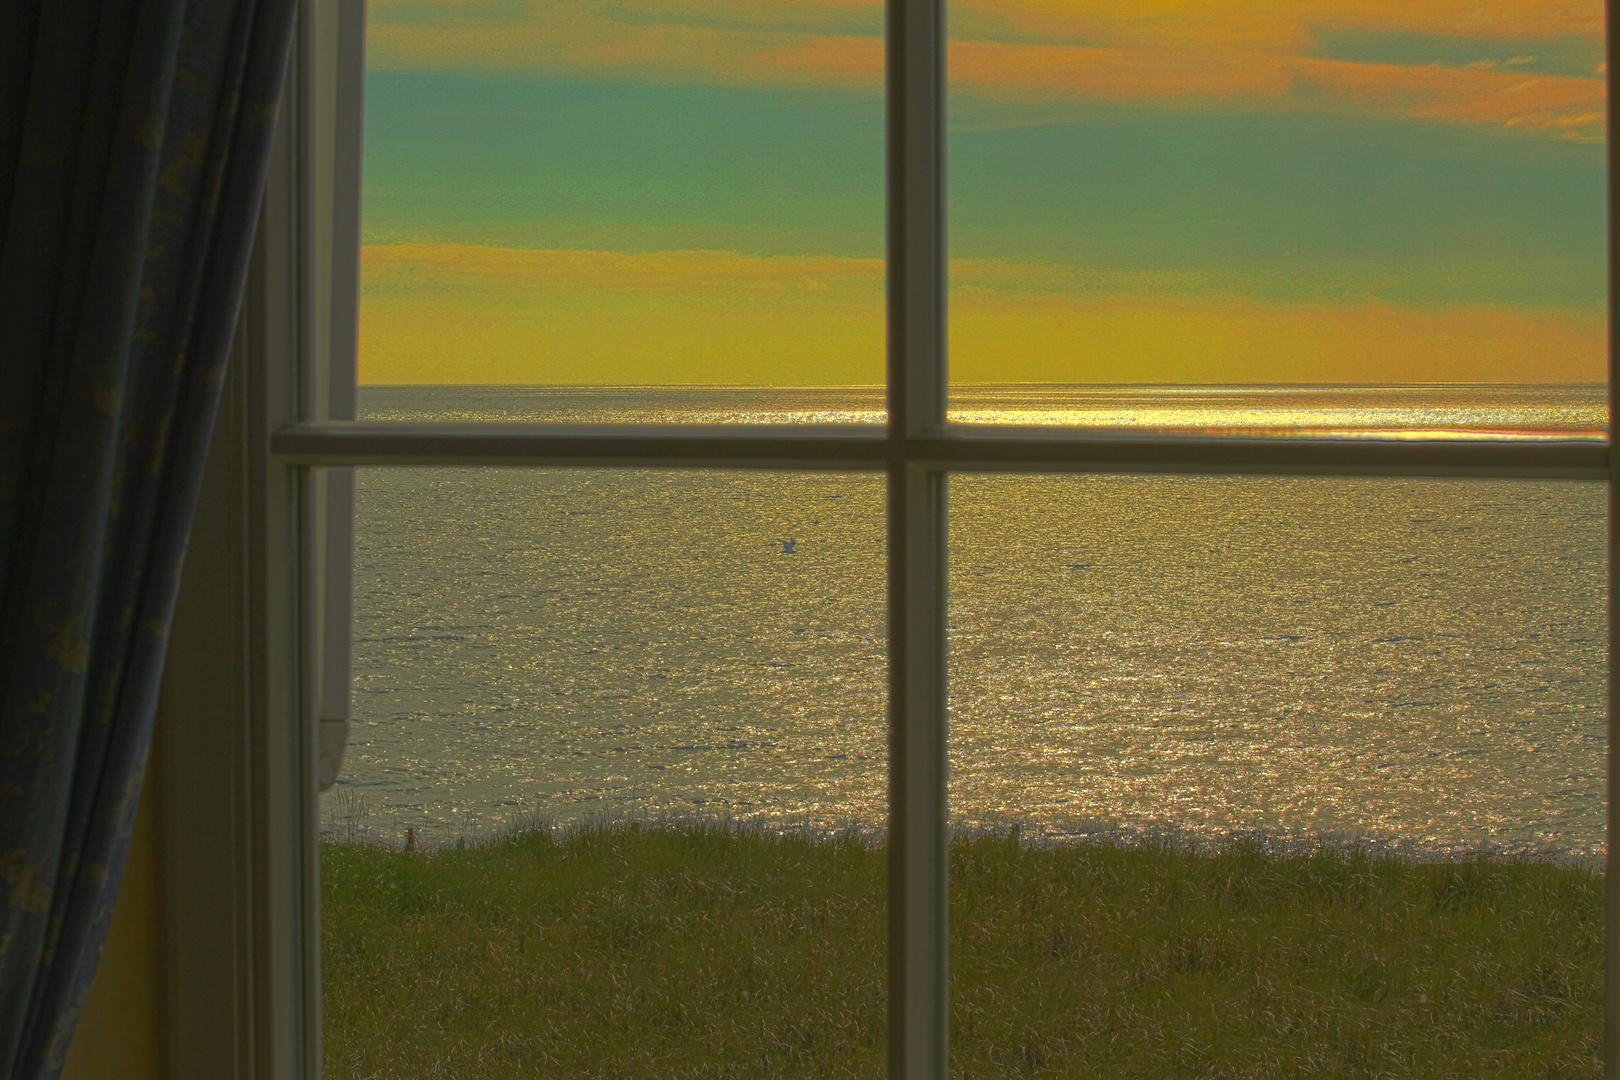 Fenster der Sehnsucht